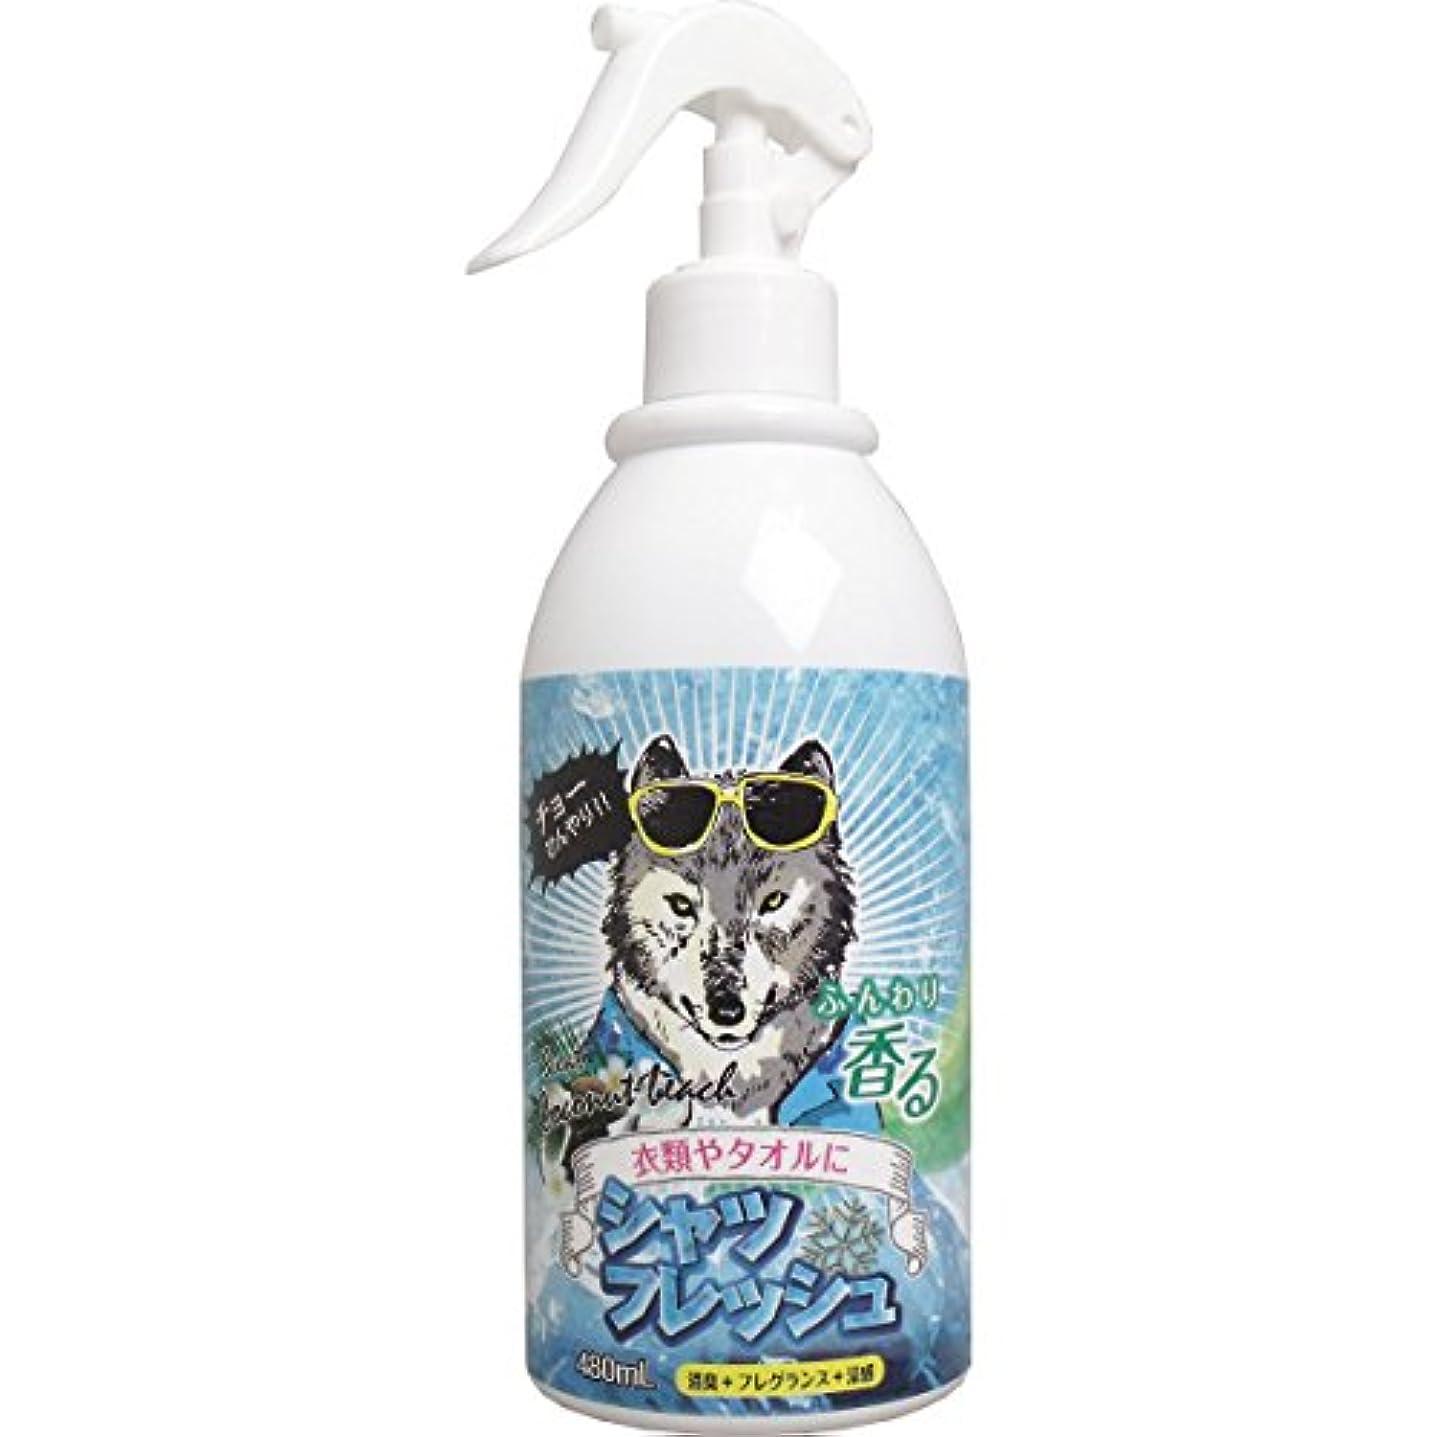 中央値チーフ無意識香るシャツフレッシュ オオカミ ココナッツピーチの香り 480mL